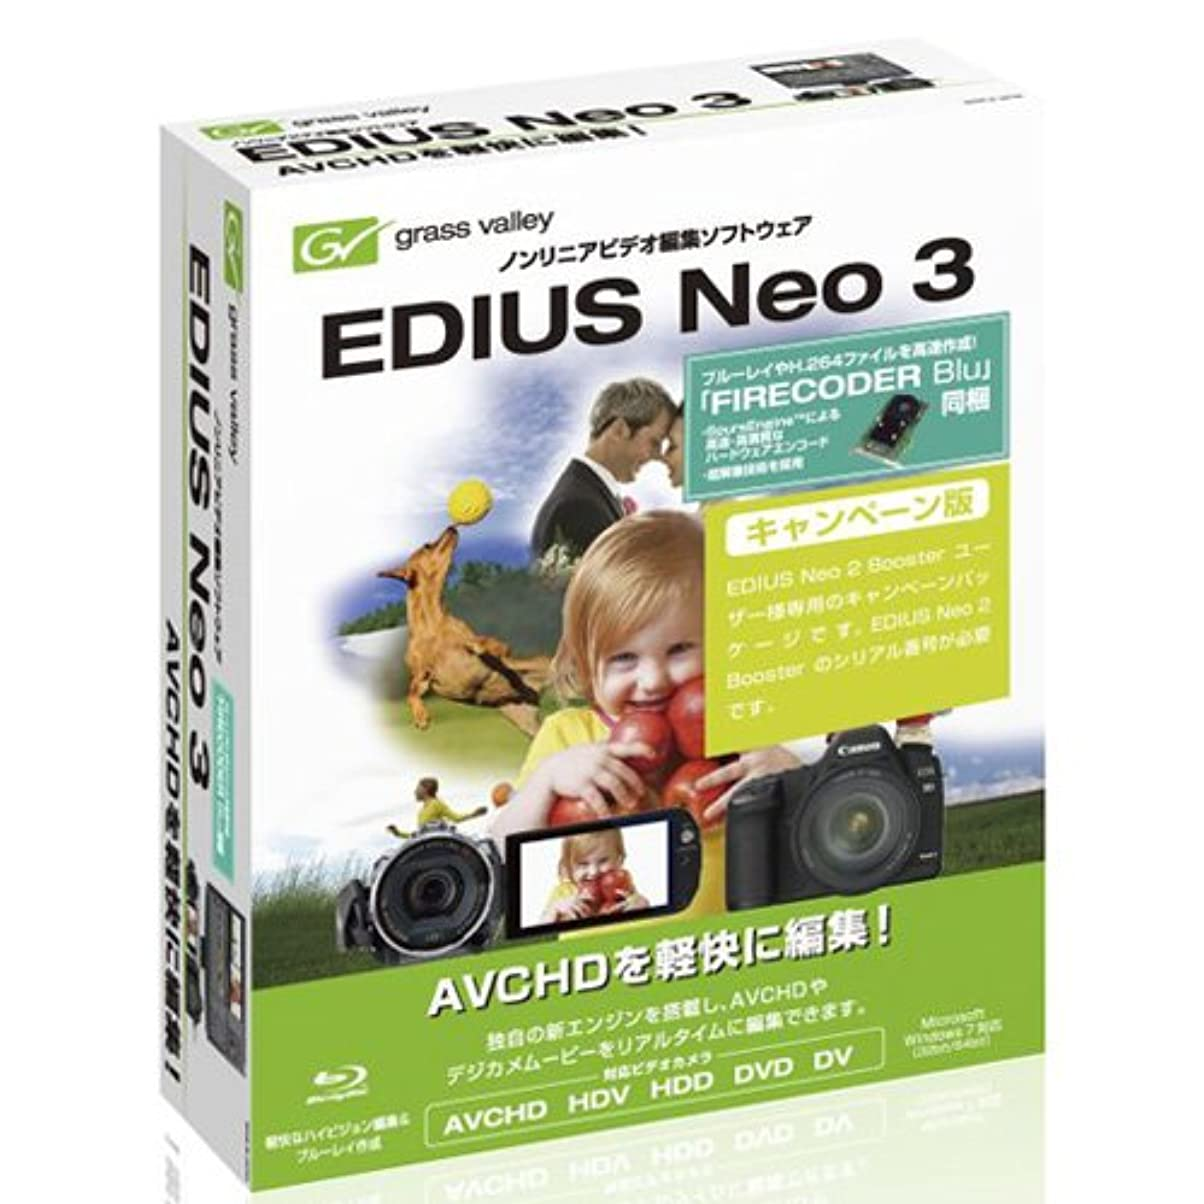 強化する計り知れない石のEDIUS Neo 3 キャンペーン版 with FIRECODER Blu